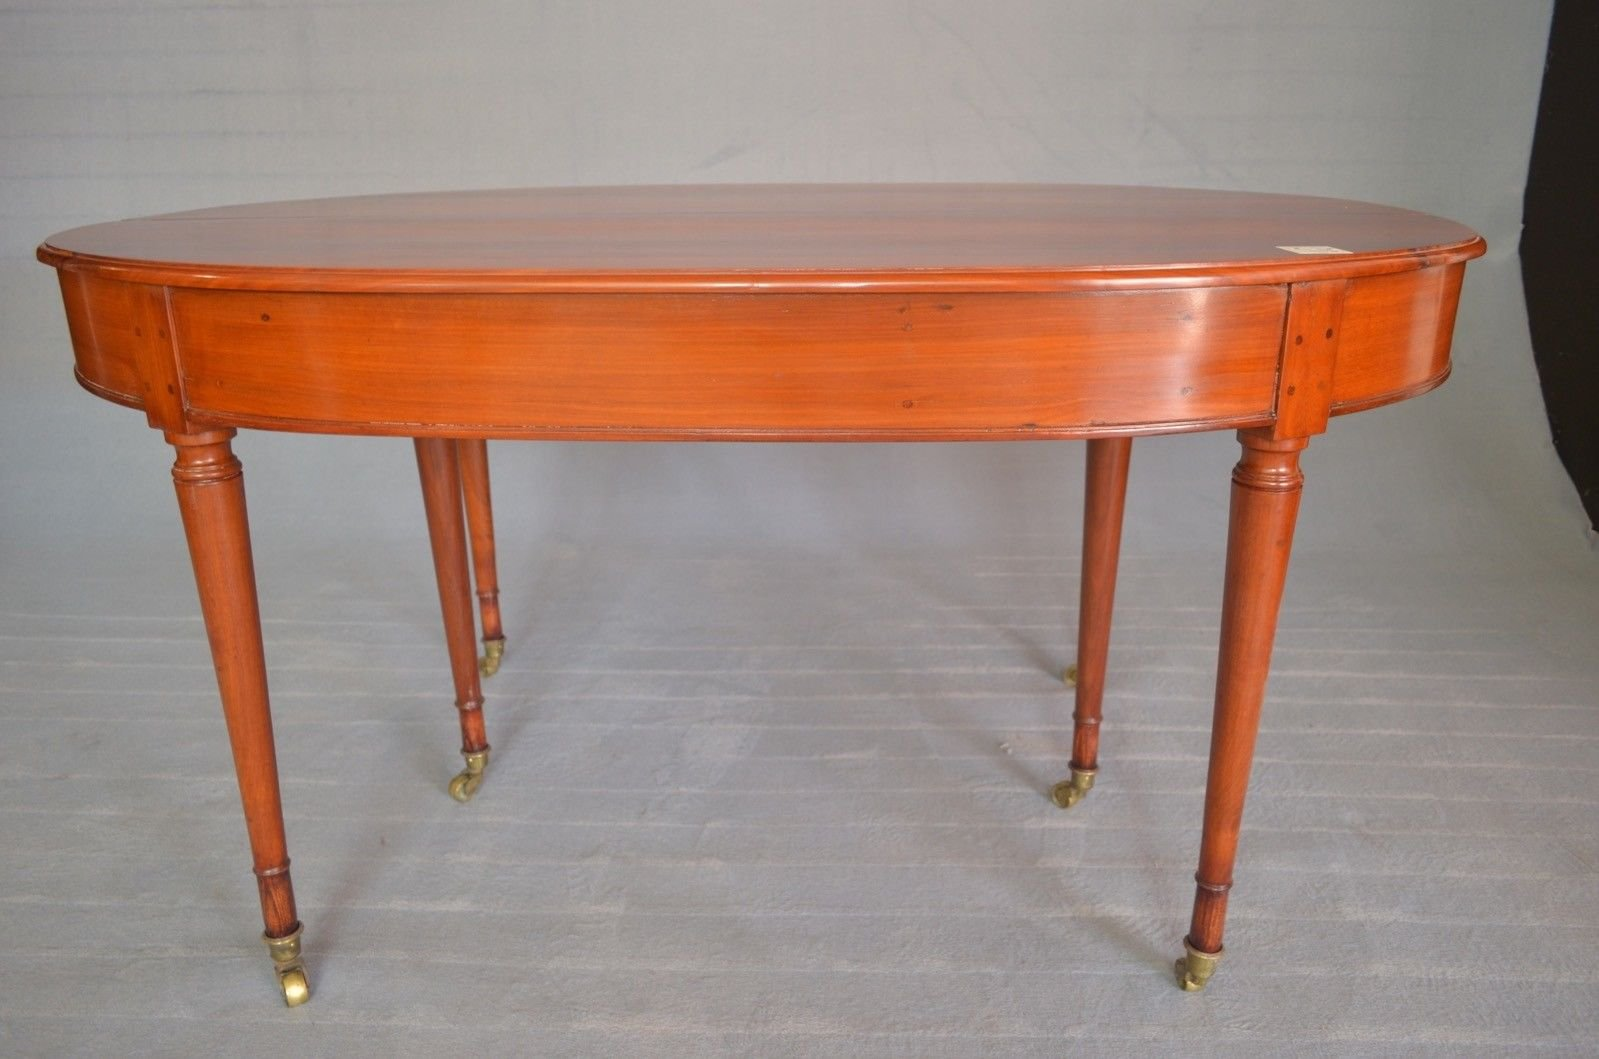 ausziehbarer ovaler biedermeier tisch, 1830er bei pamono kaufen